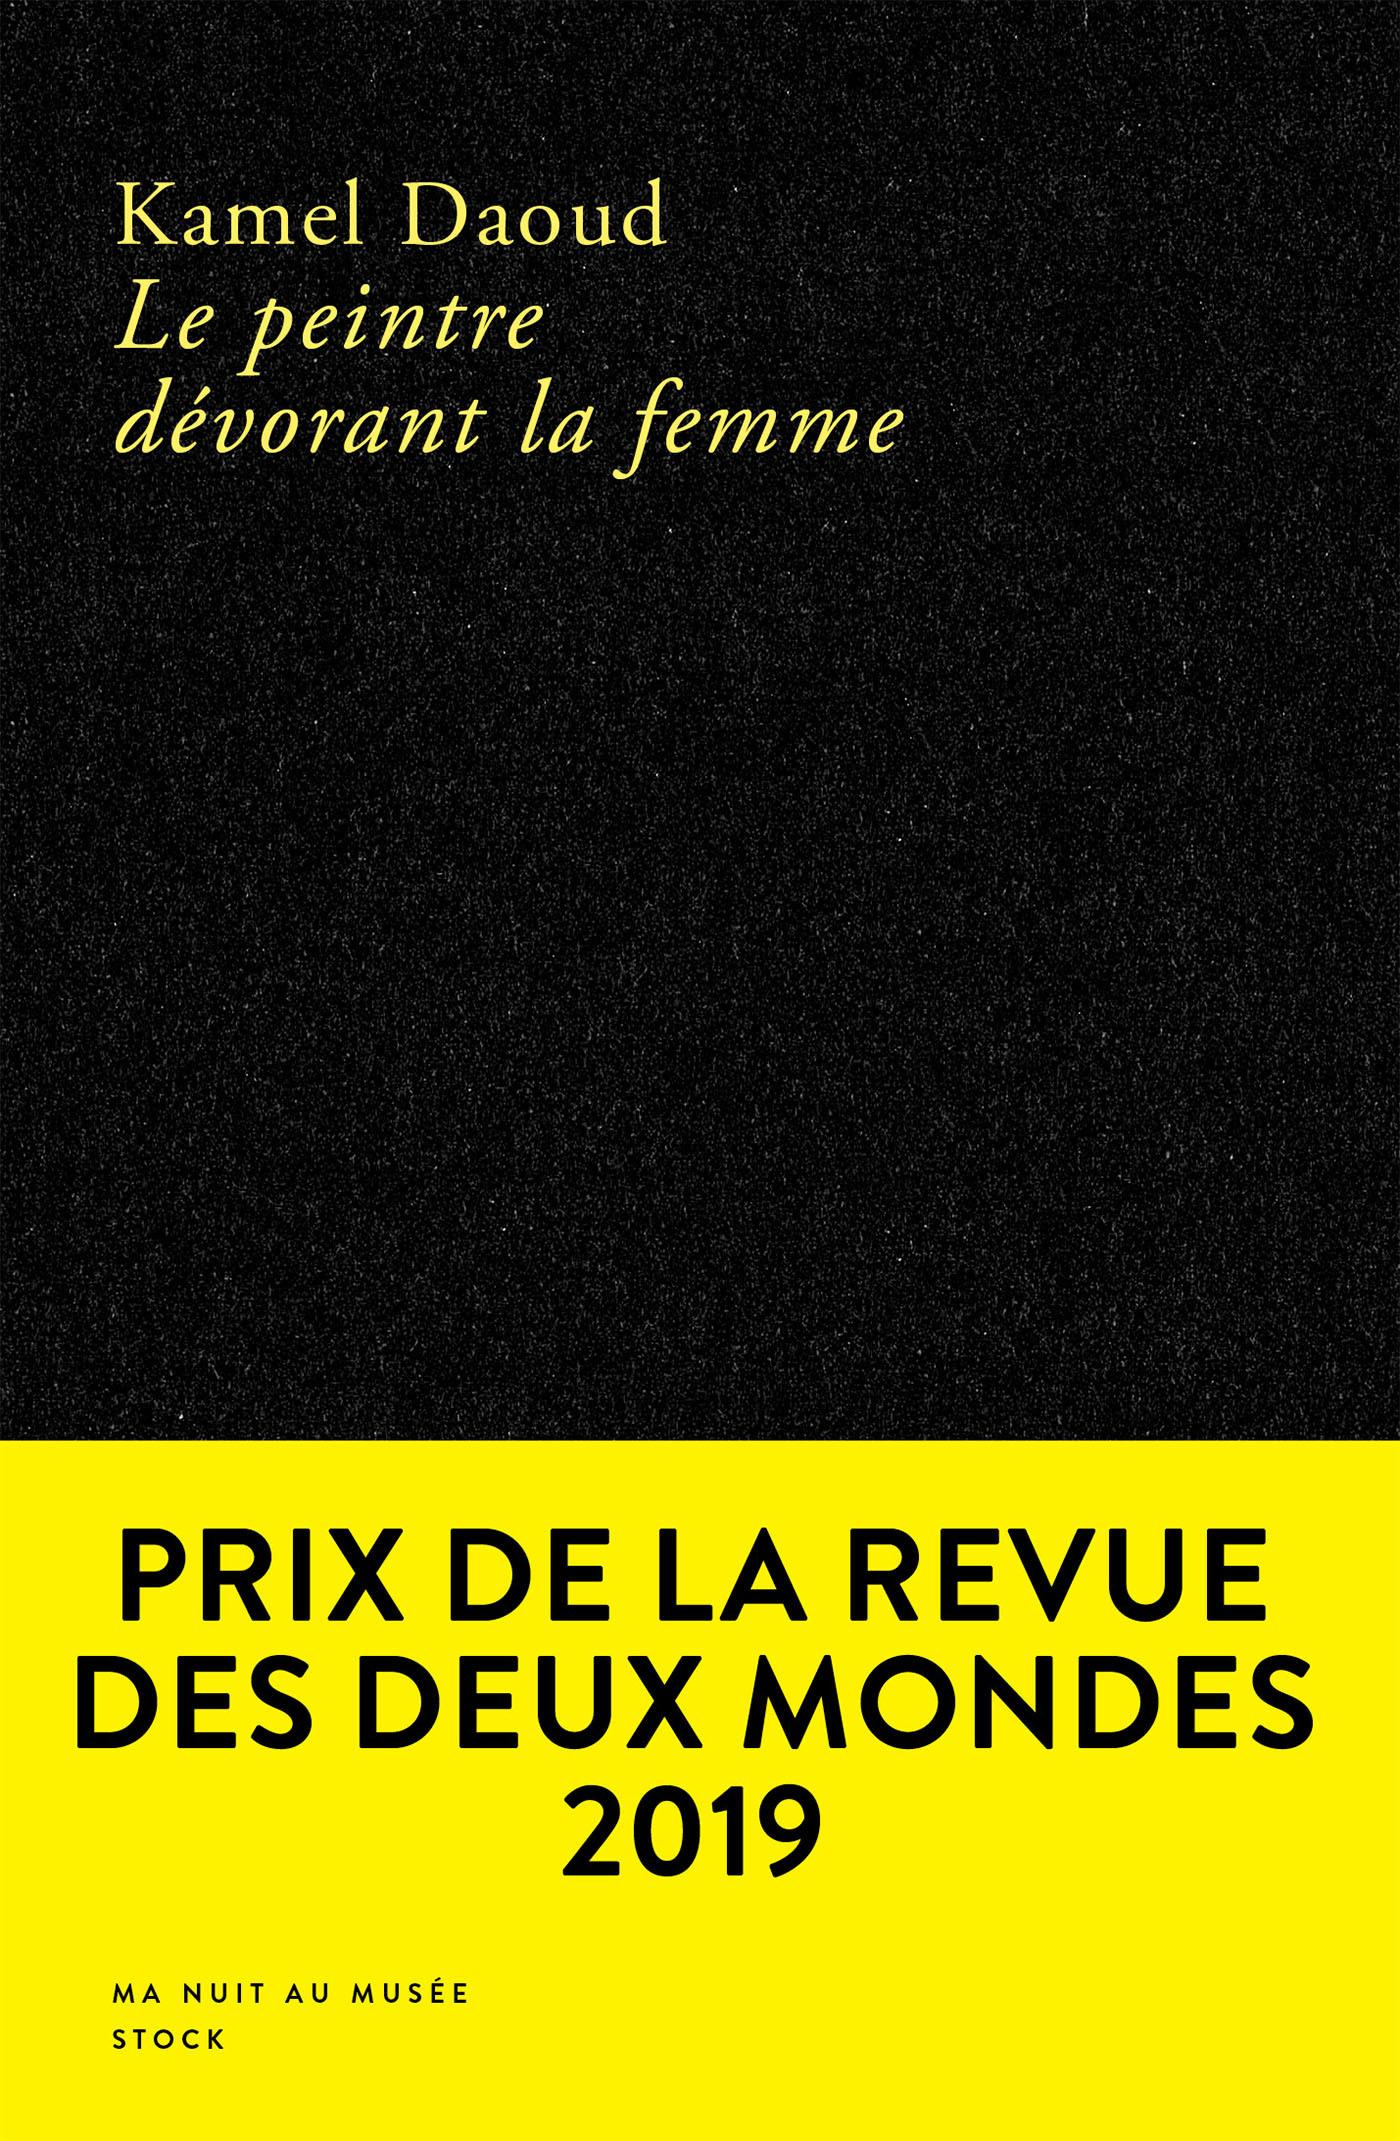 LE PEINTRE DEVORANT LA FEMME